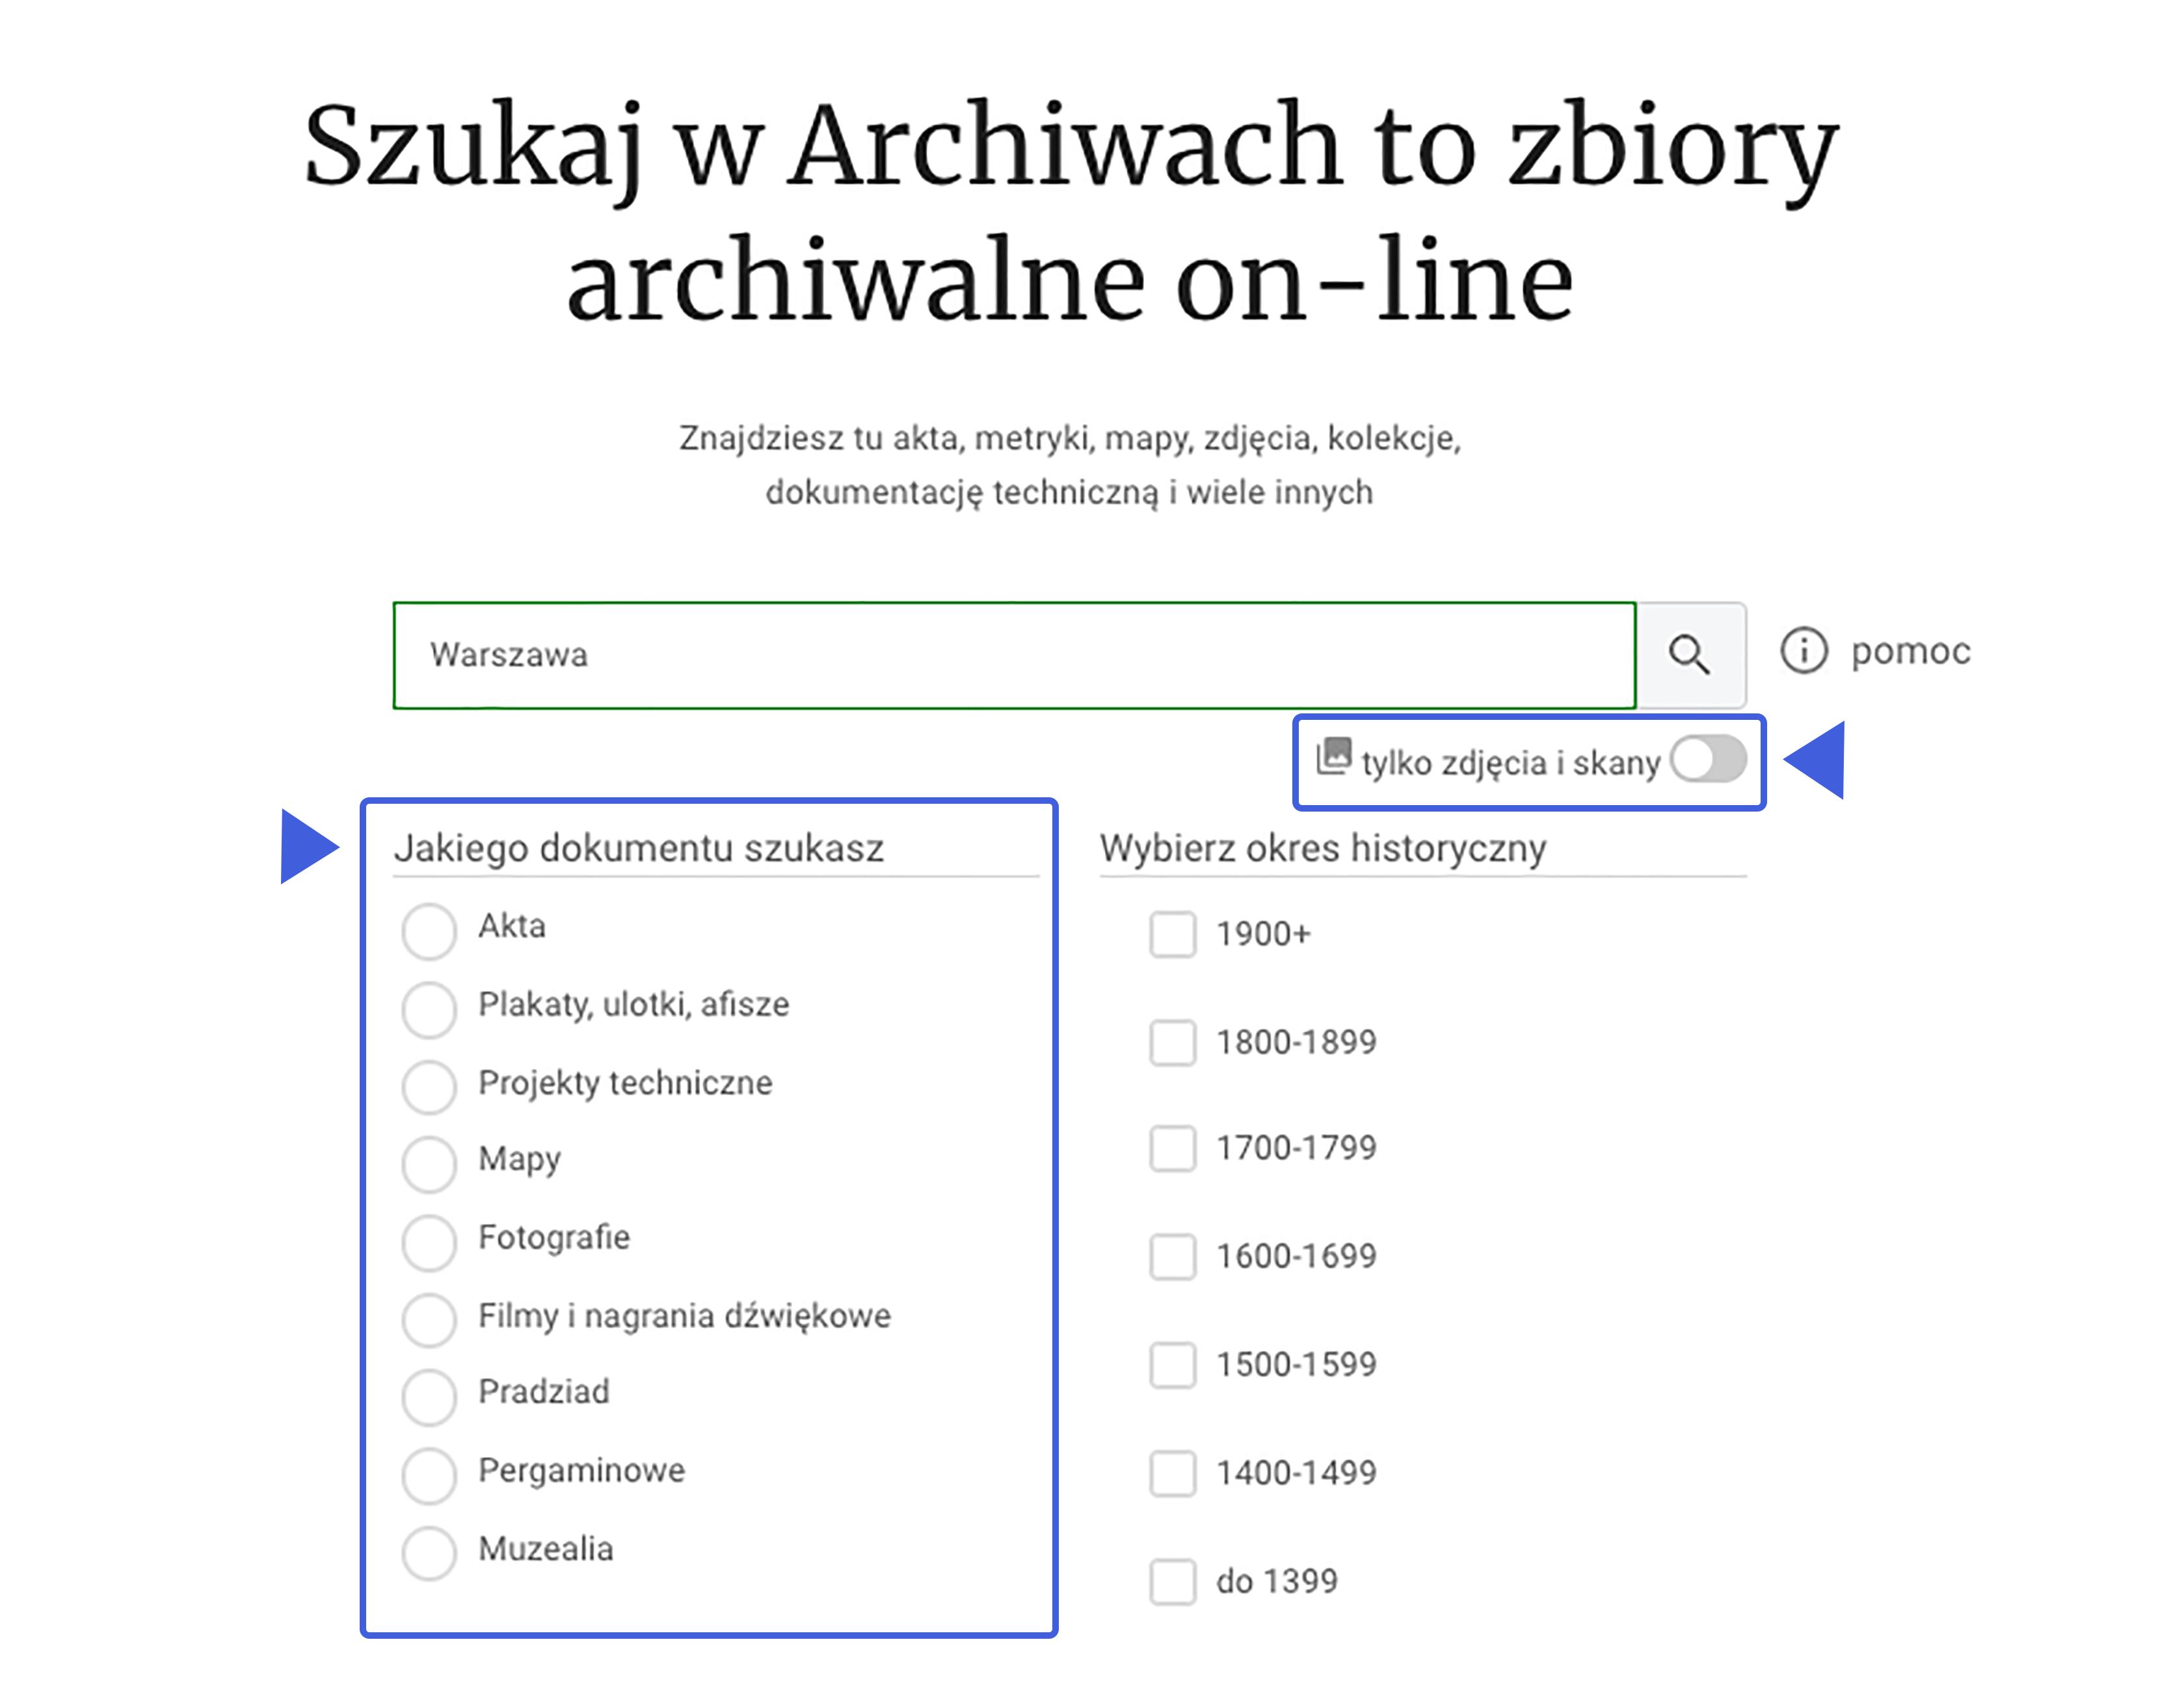 grafika przedstawiająca widok wyszukiwarki na stronie głównej wraz z podstawowymi filtrami